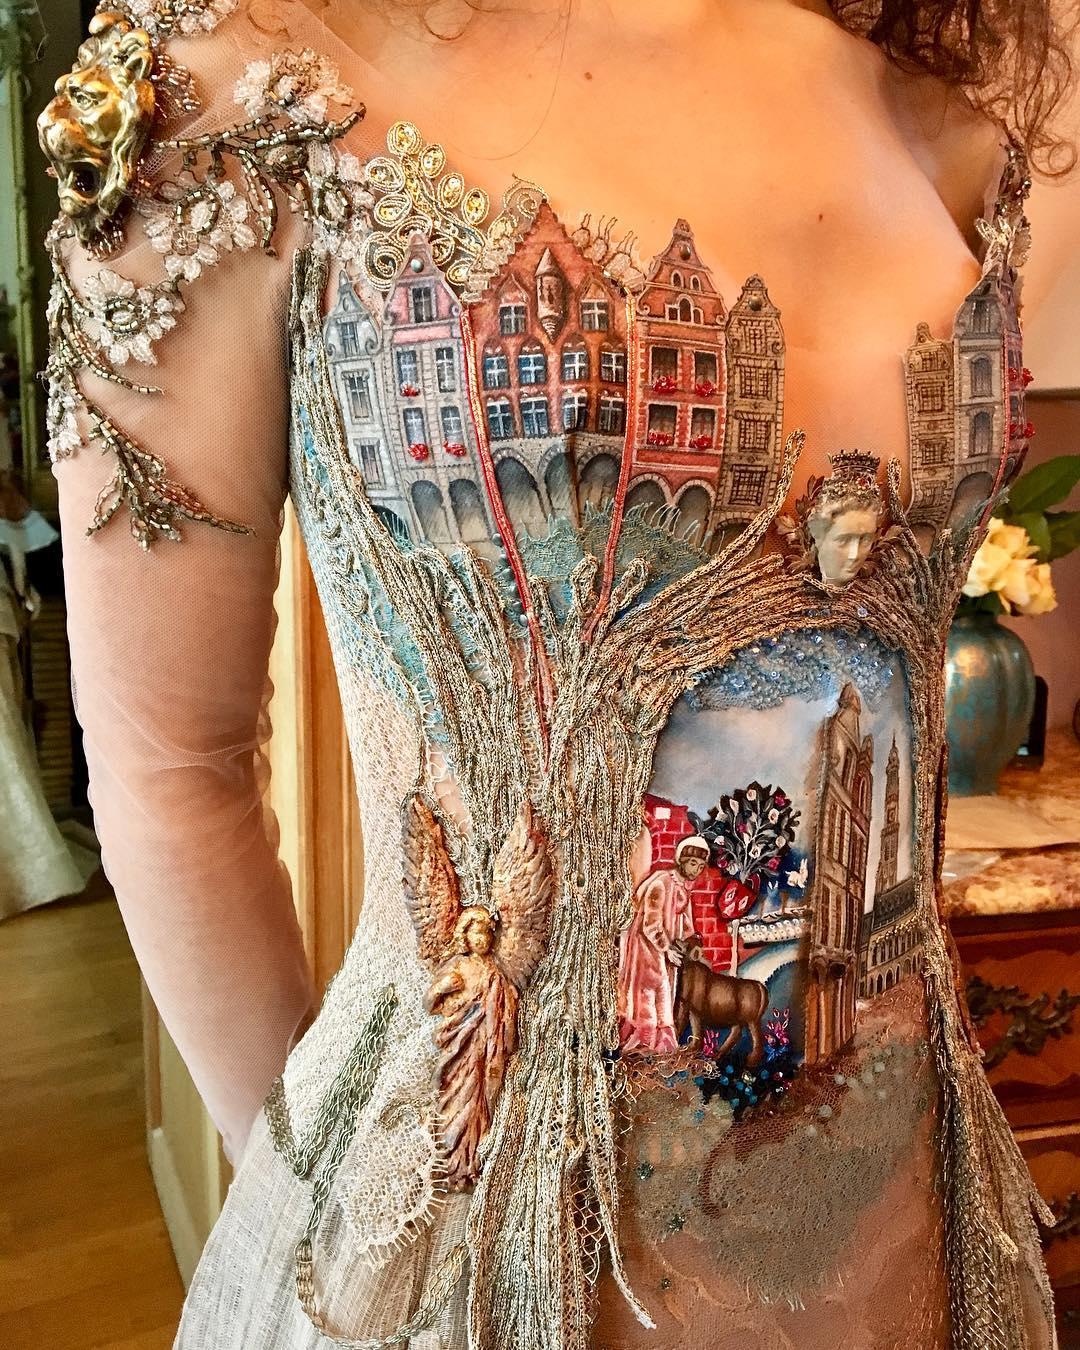 Французский дизайнер шьёт потрясающие платья-истории. Она использует корешки книг, цветы и даже скрипку